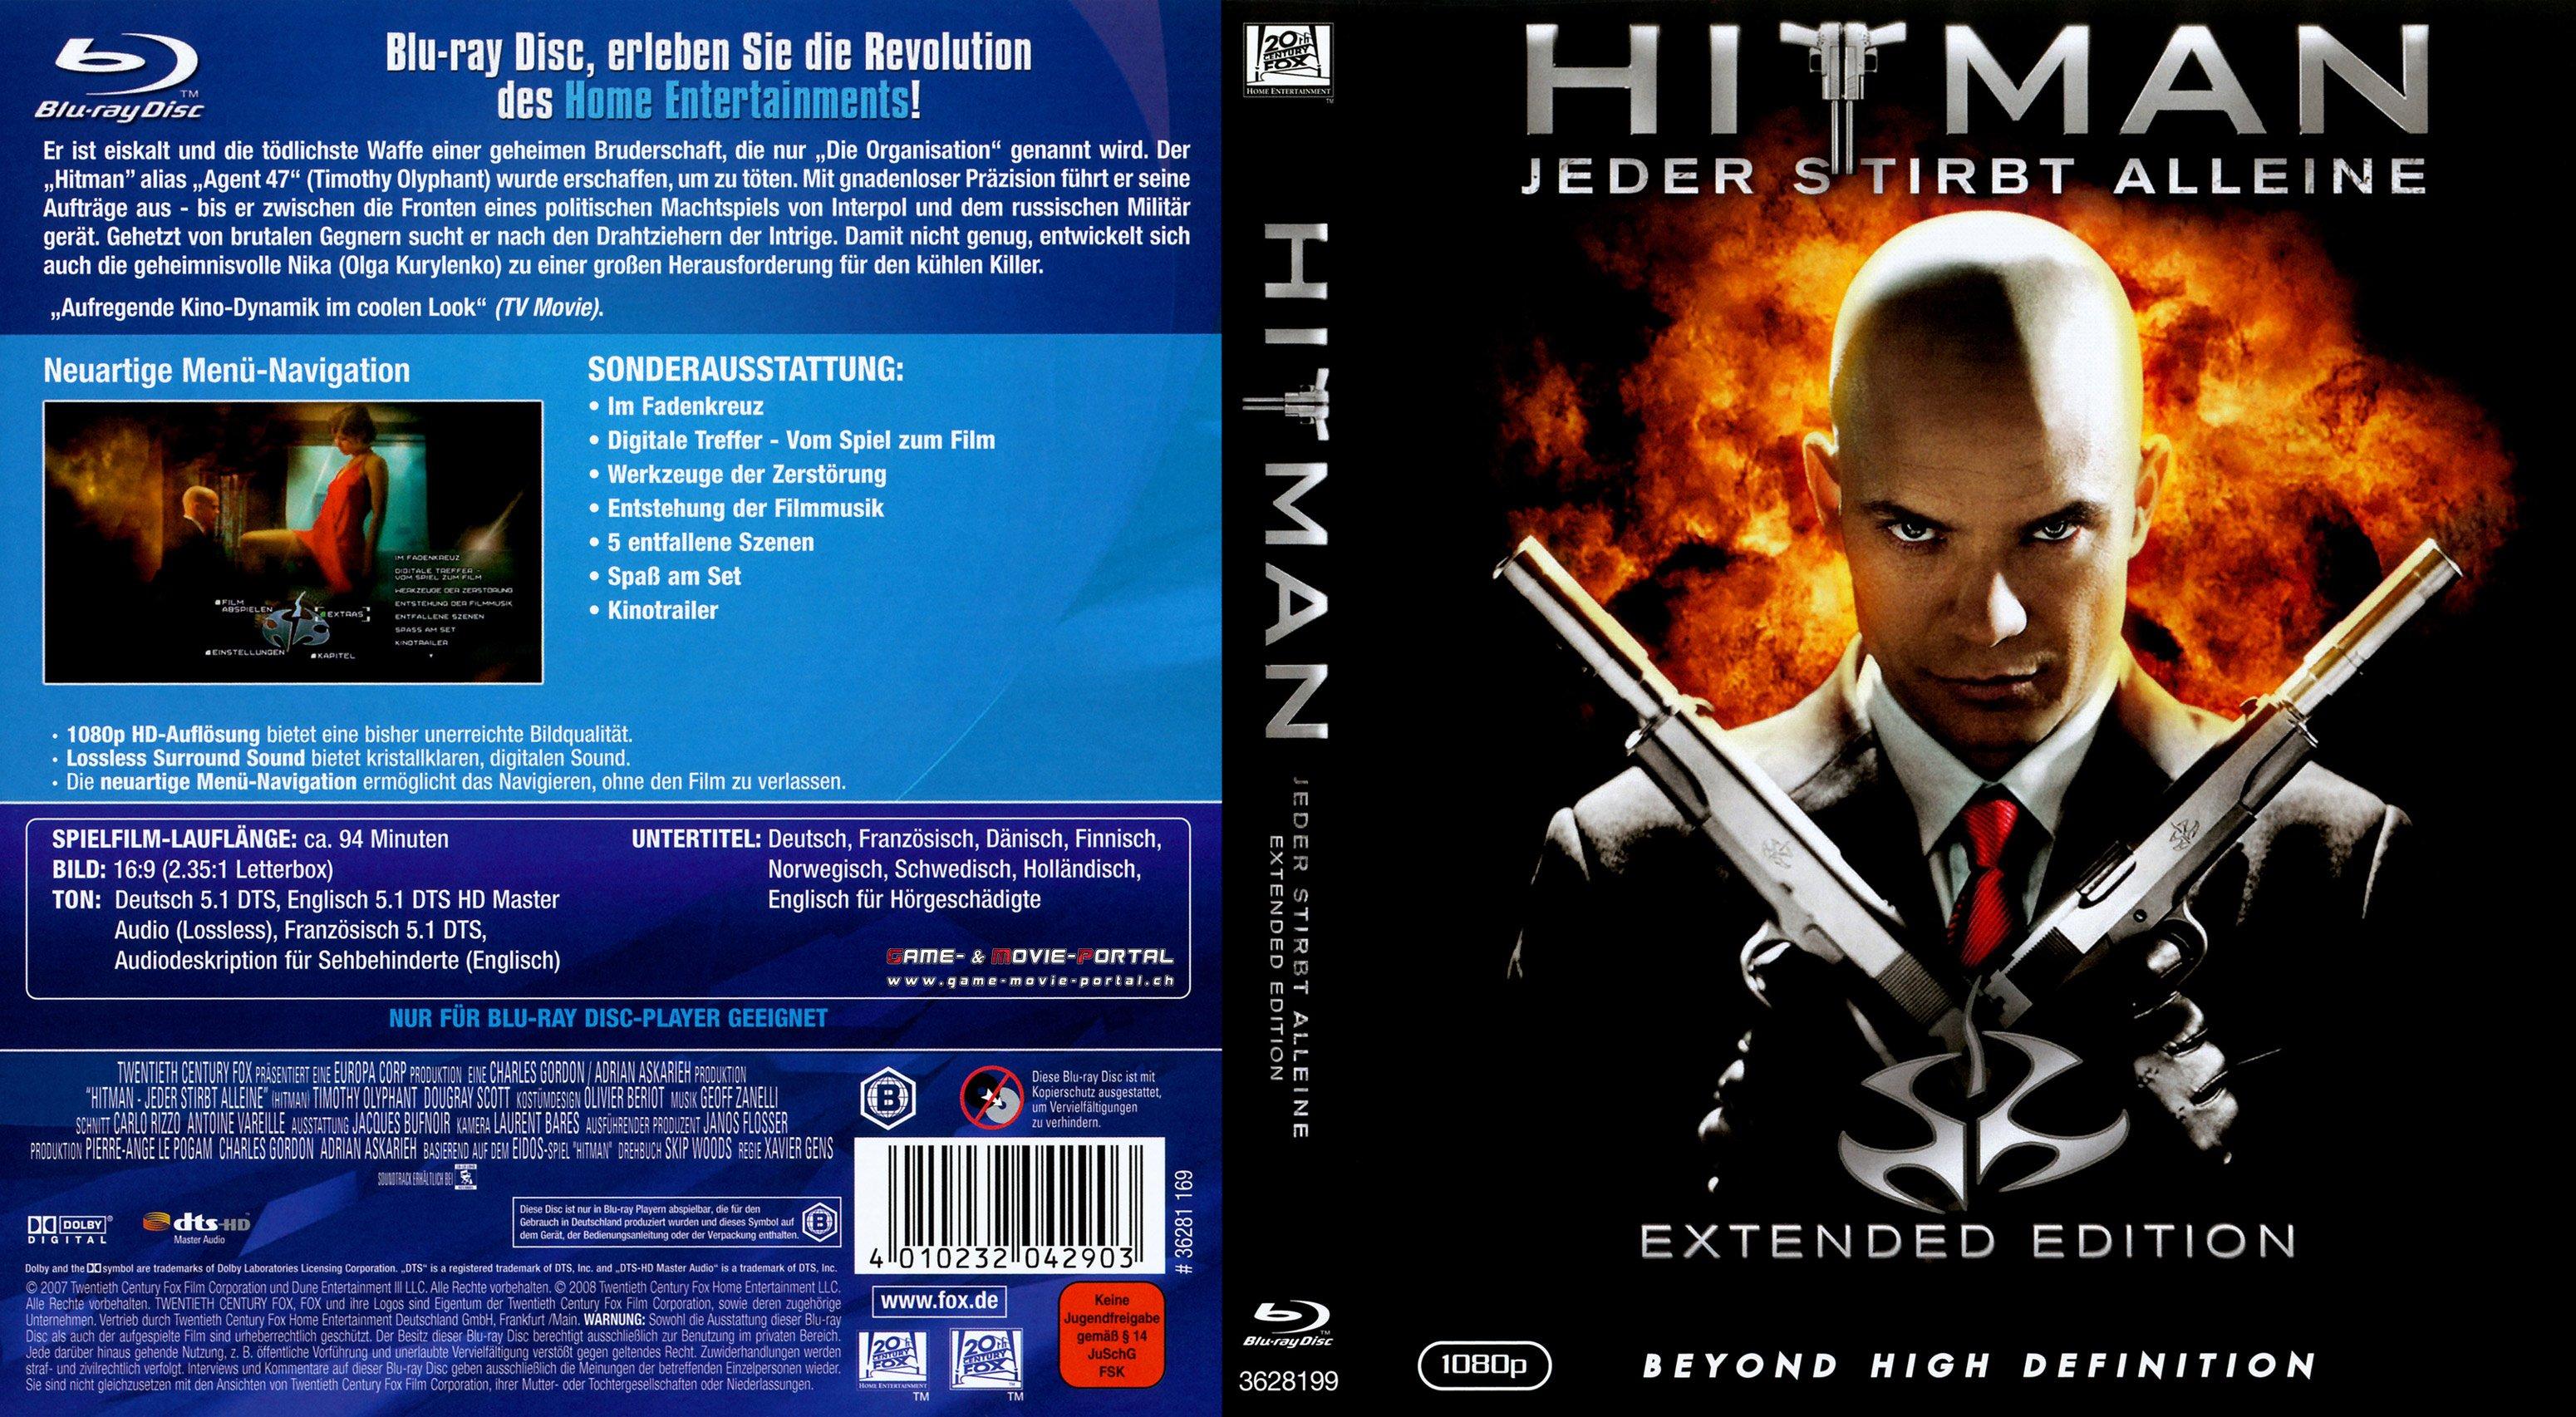 Hitman – Jeder Stirbt Alleine